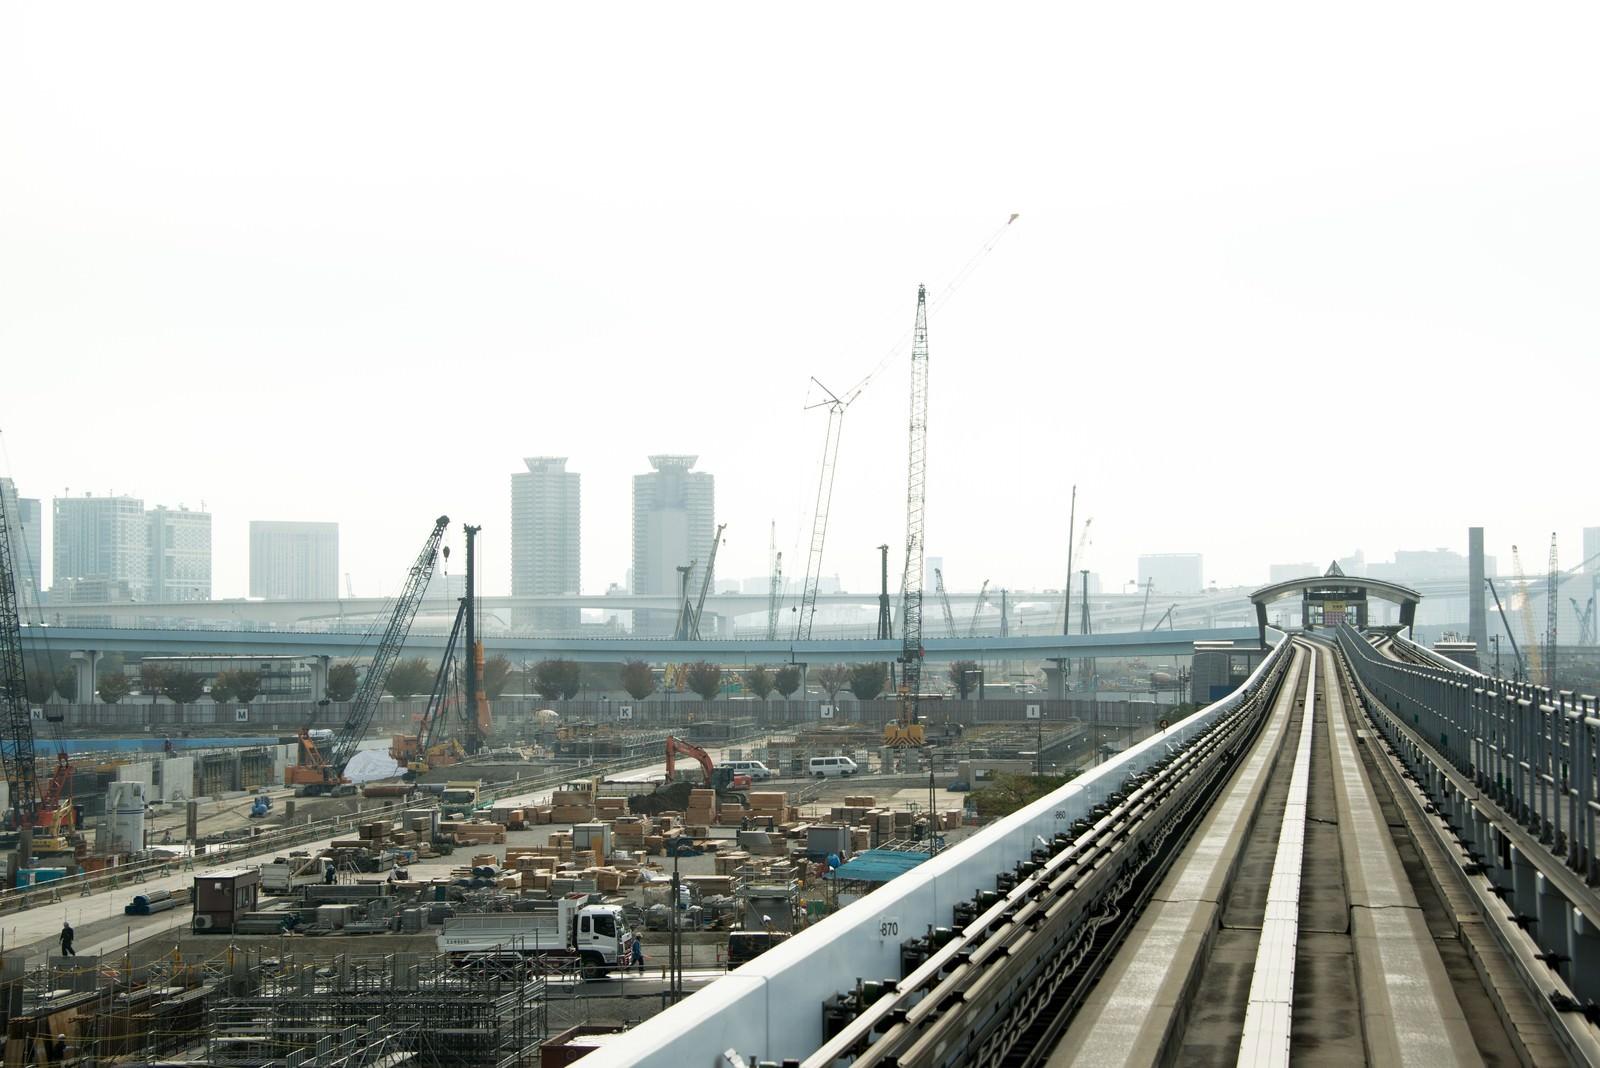 「ゆりかもめから見える建設現場ゆりかもめから見える建設現場」のフリー写真素材を拡大